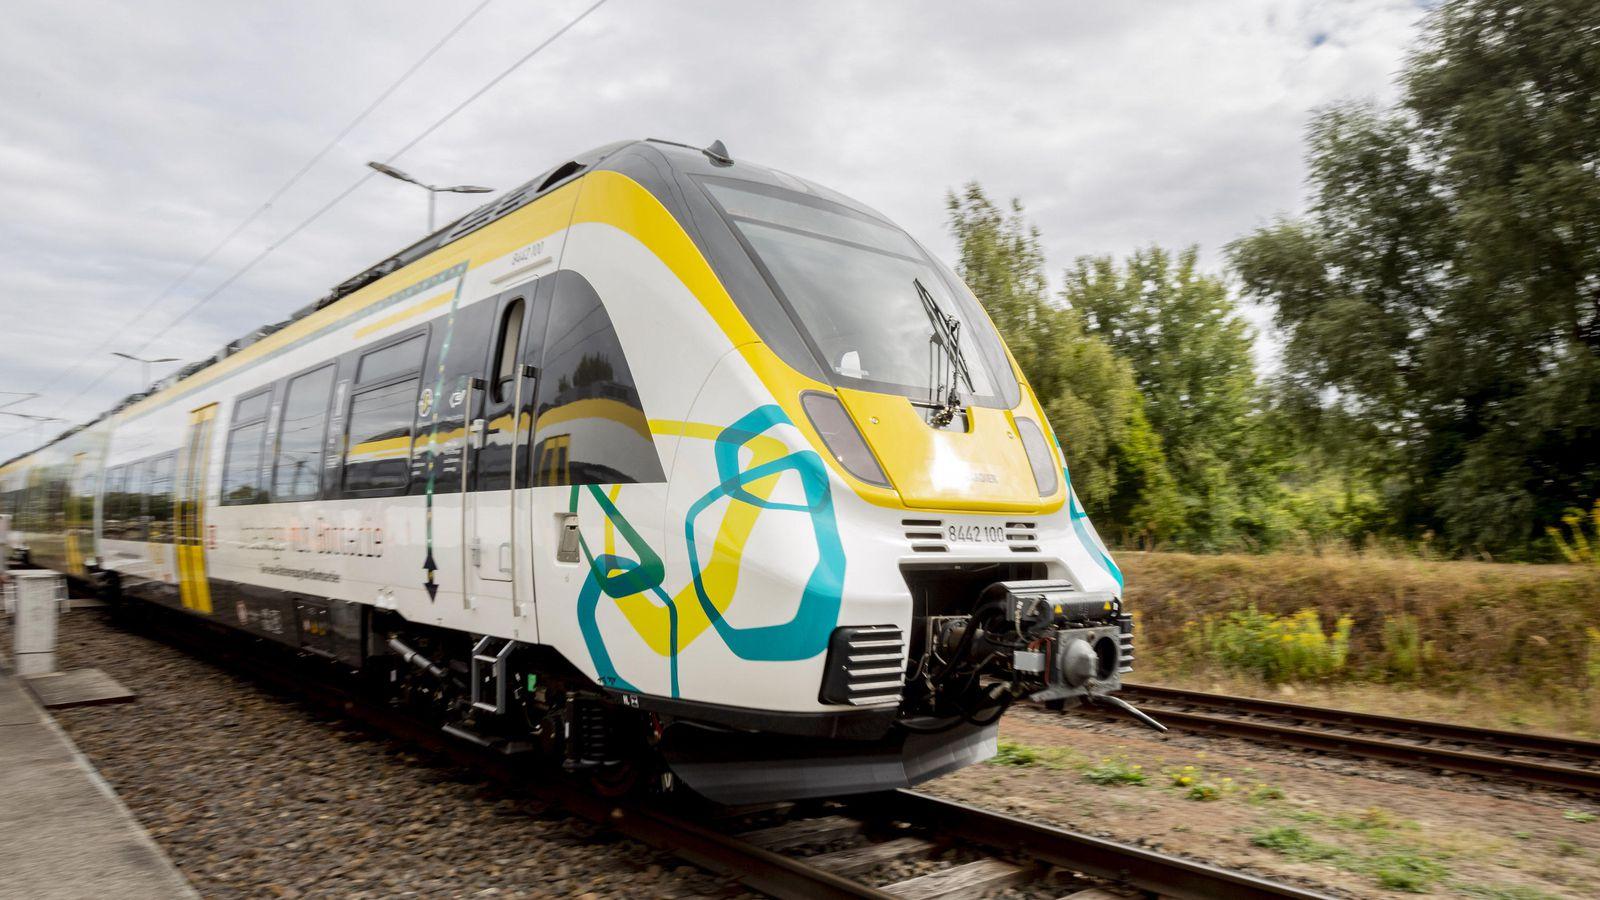 اولین قطار هیبریدی دنیا در راه است